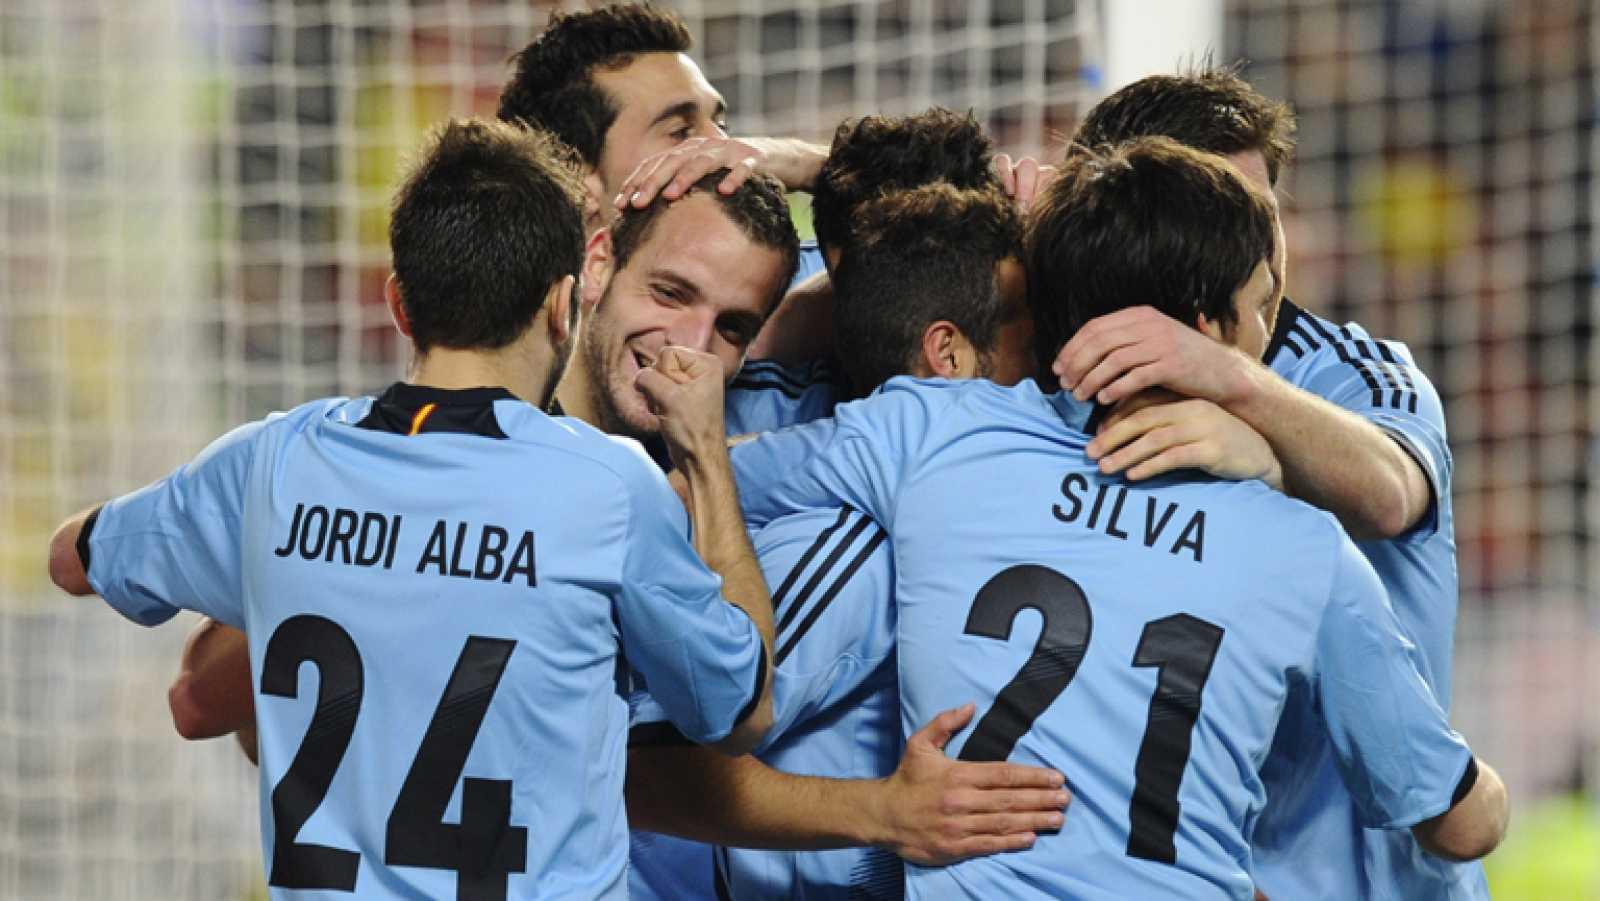 La selección española de fútbol ha goleado (5-0) a Venezuela.